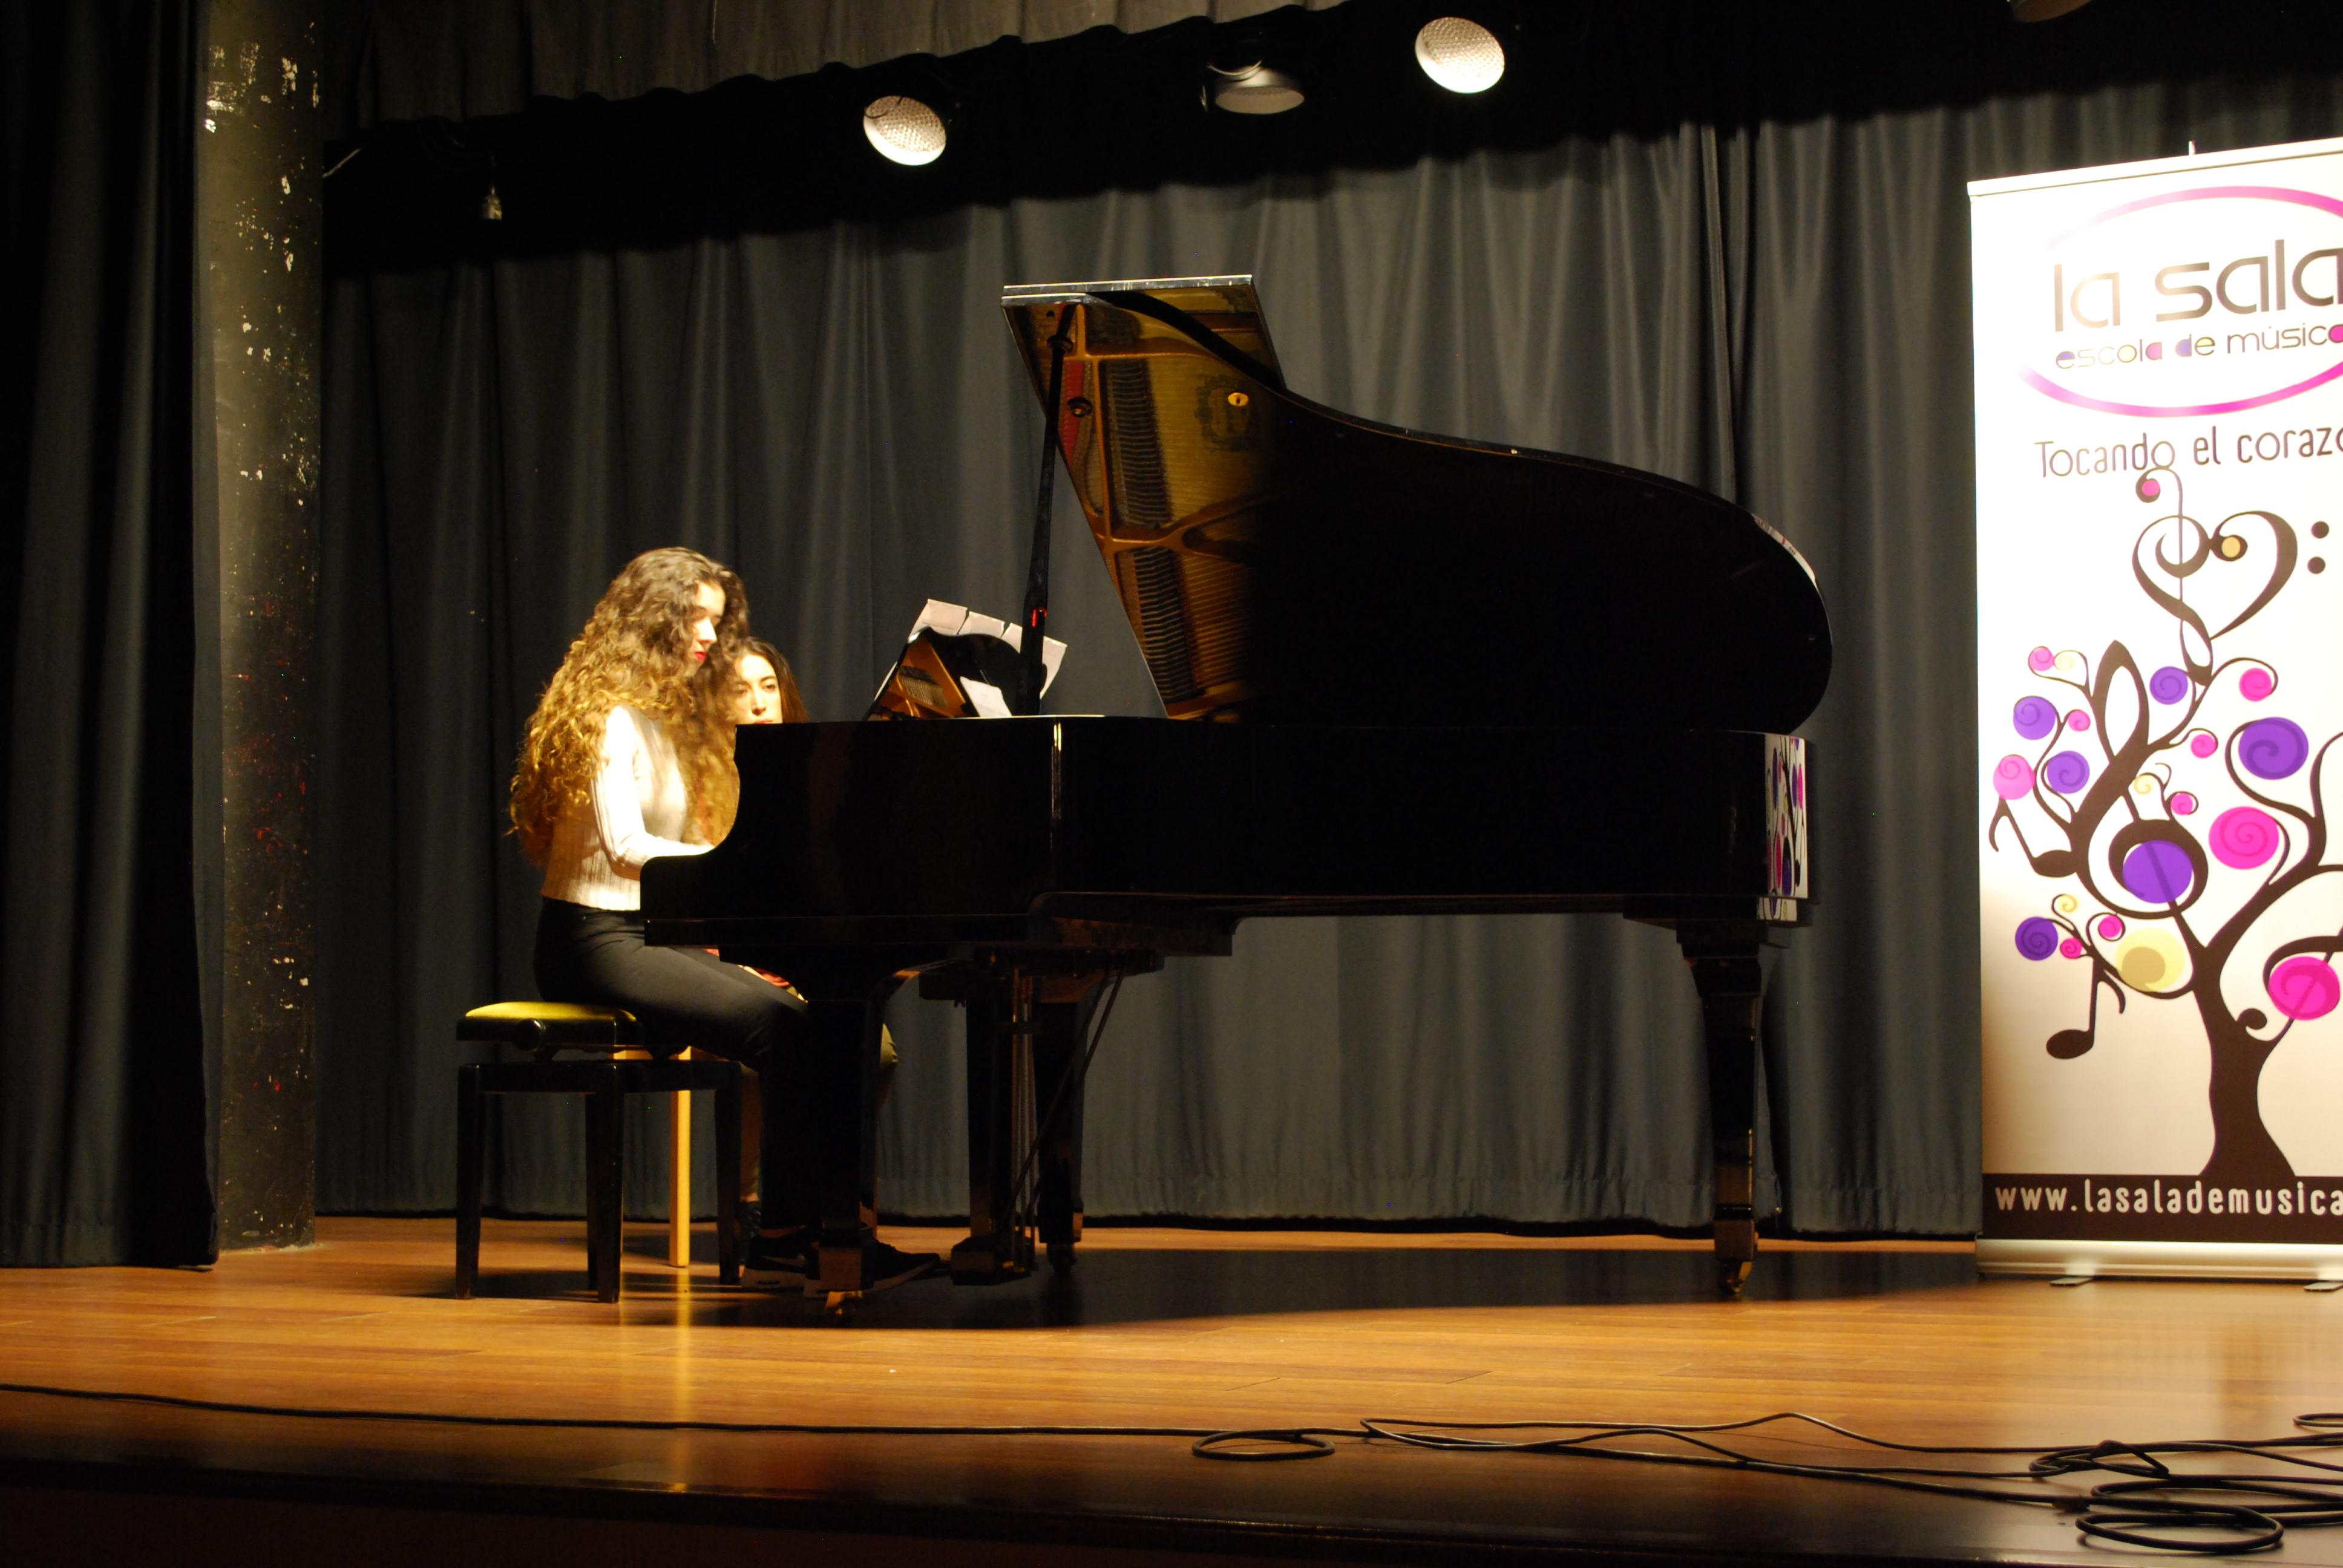 Escuela de música La Sala - Fotos